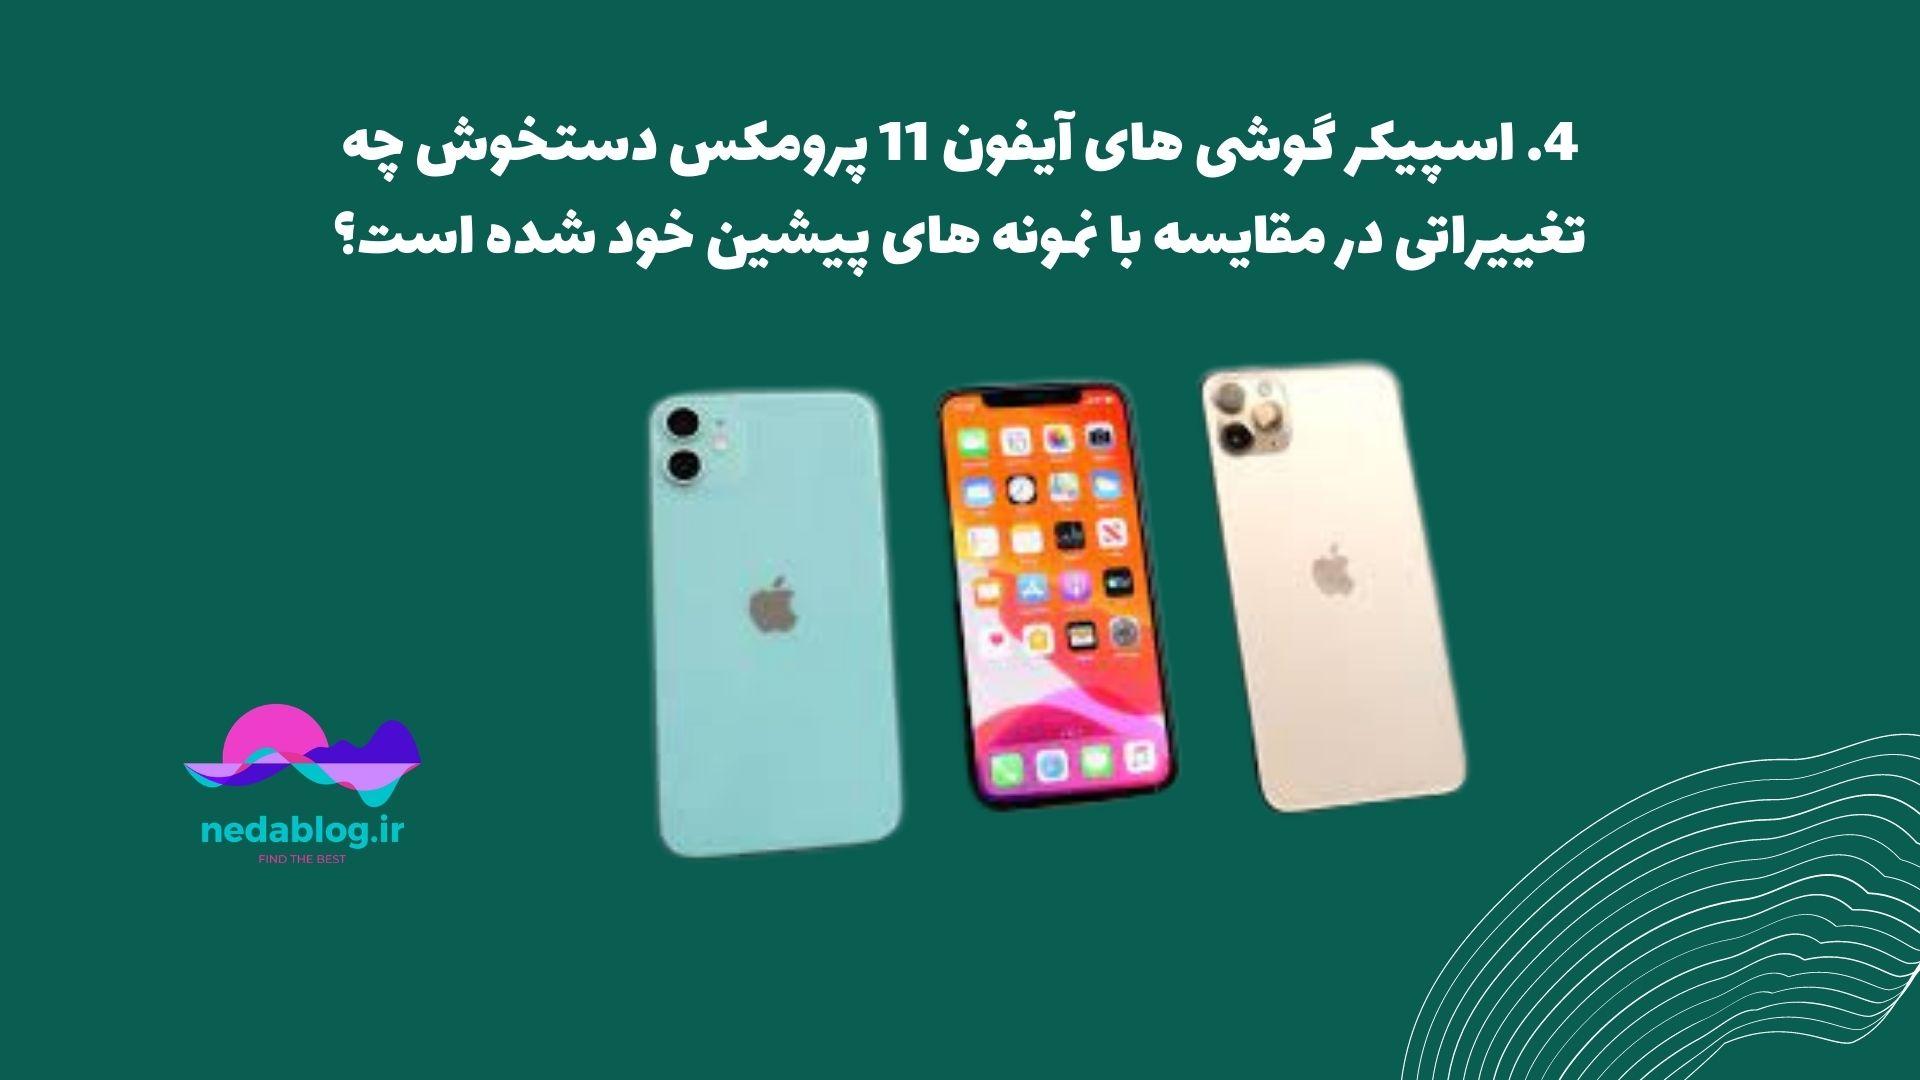 اسپیکر گوشی های آیفون 11 پرومکس دستخوش چه تغییراتی در مقایسه با نمونه های پیشین خود شده است؟